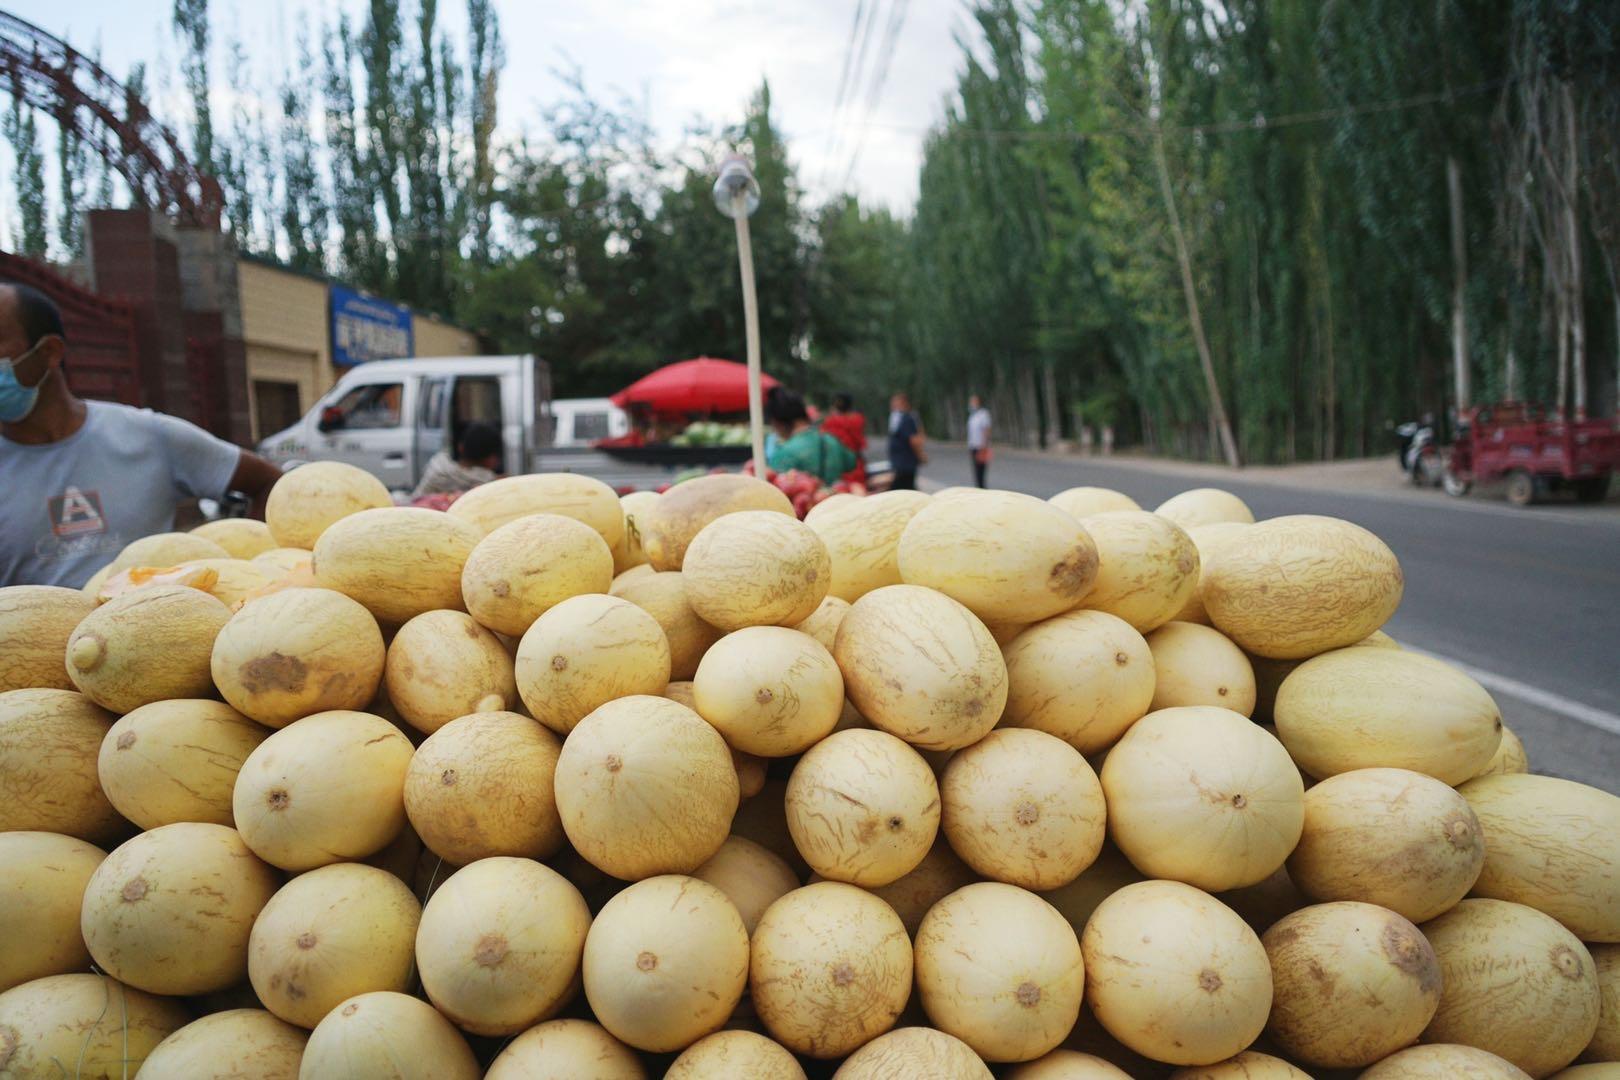 新疆的水果,留給鳥兒吃,也給過客吃